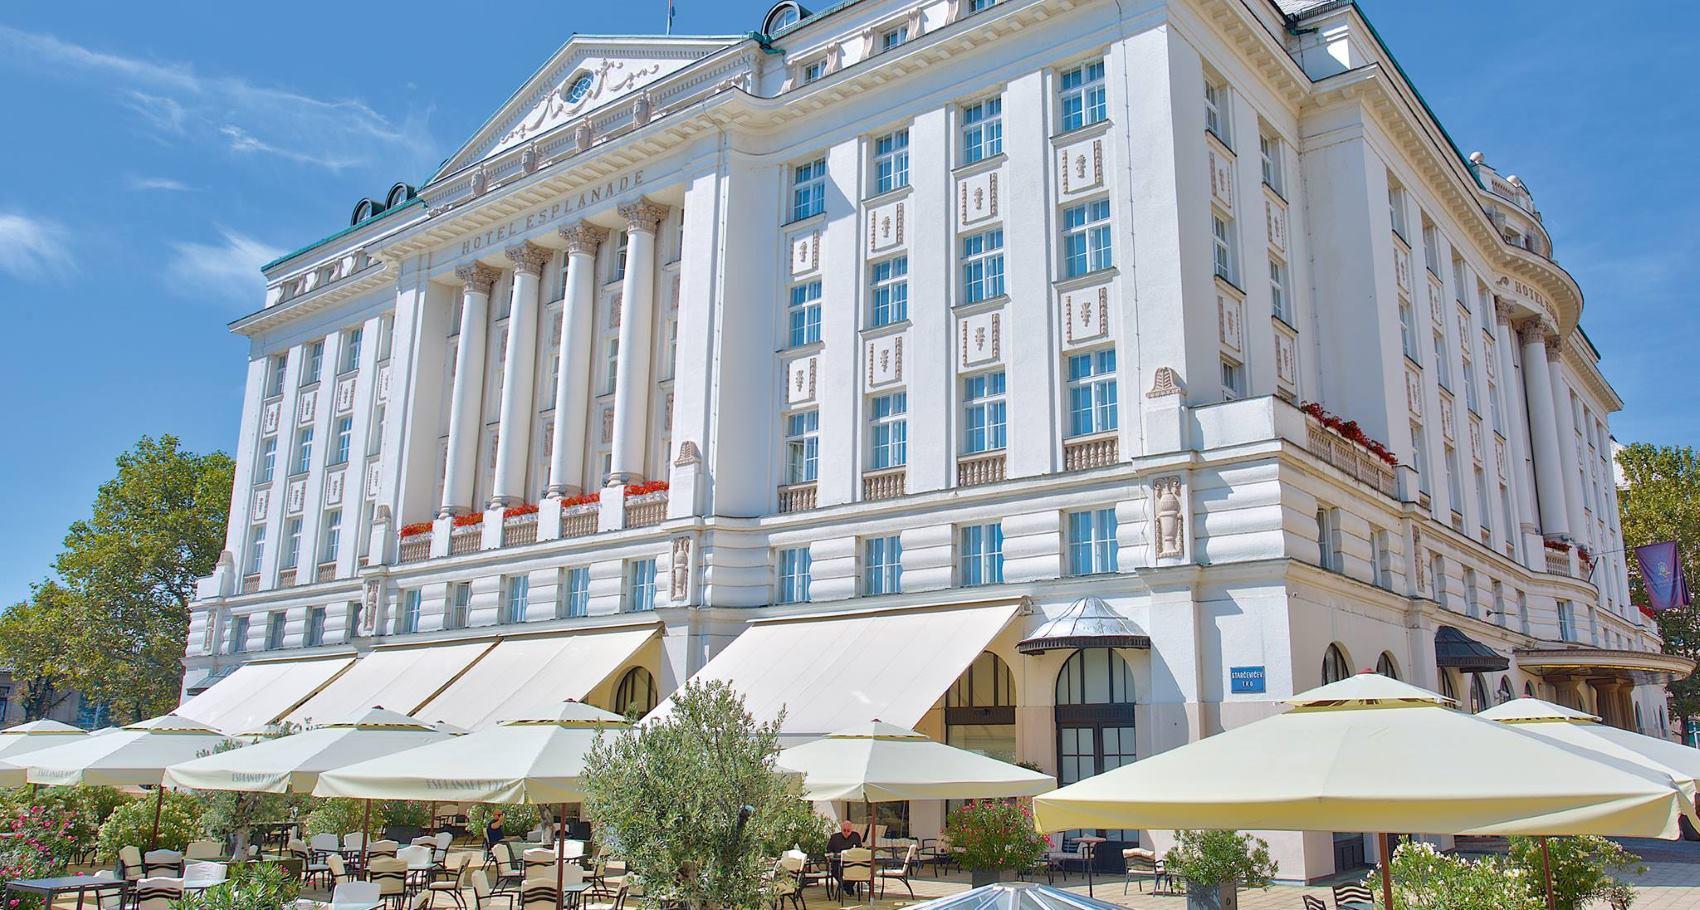 Zagrebački hotel Esplanade najbolji je hotel u Hrvatskoj